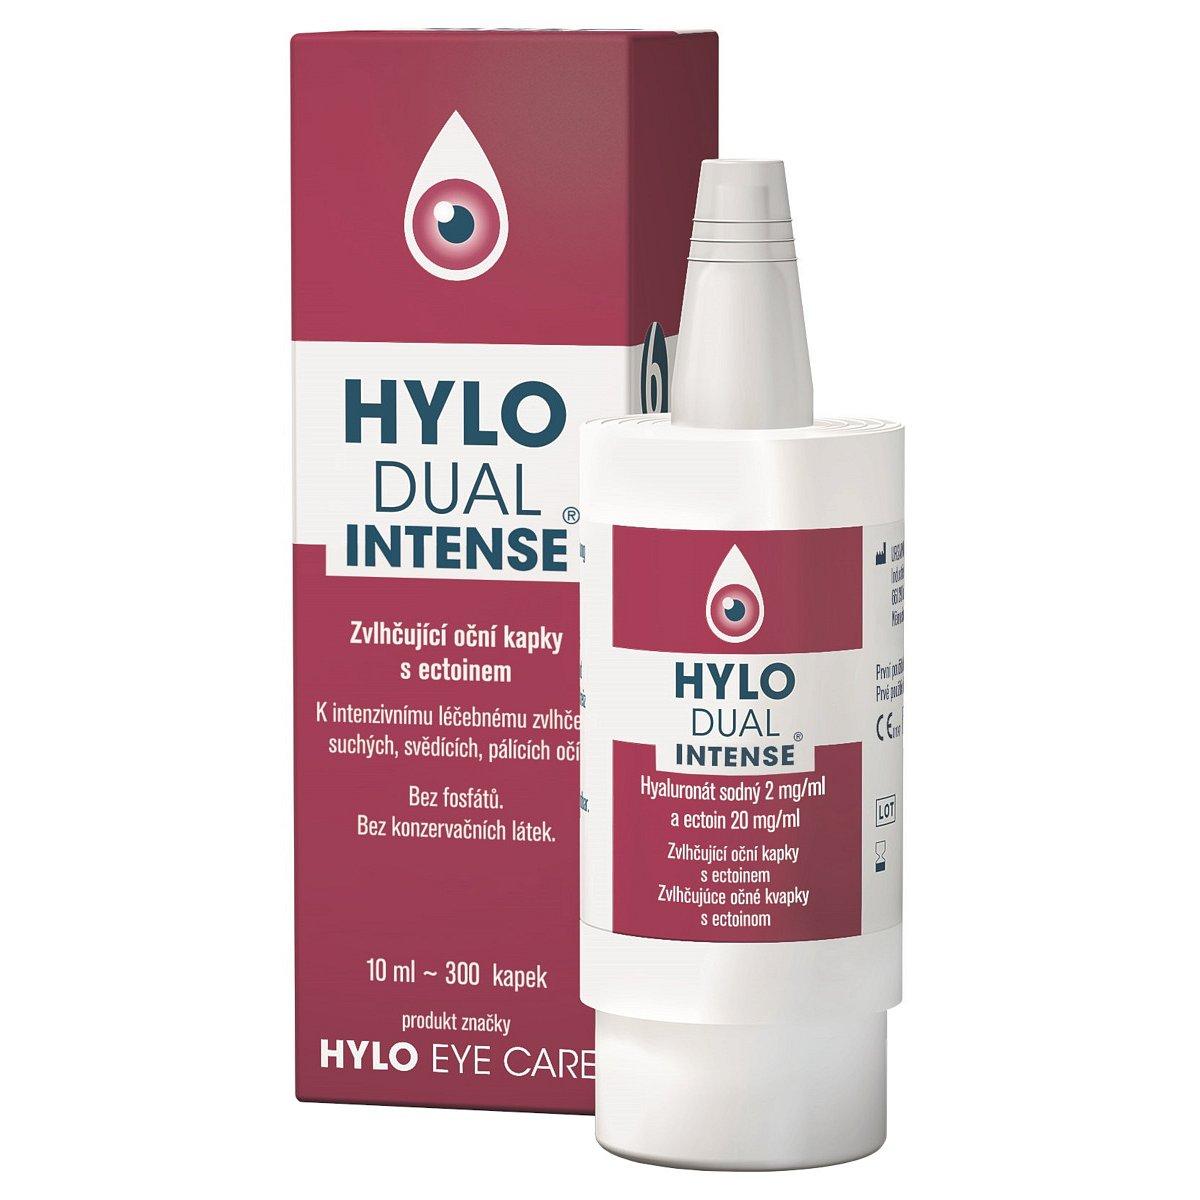 Hylo Dual Intense oční kapky 10ml (umělé slzy)